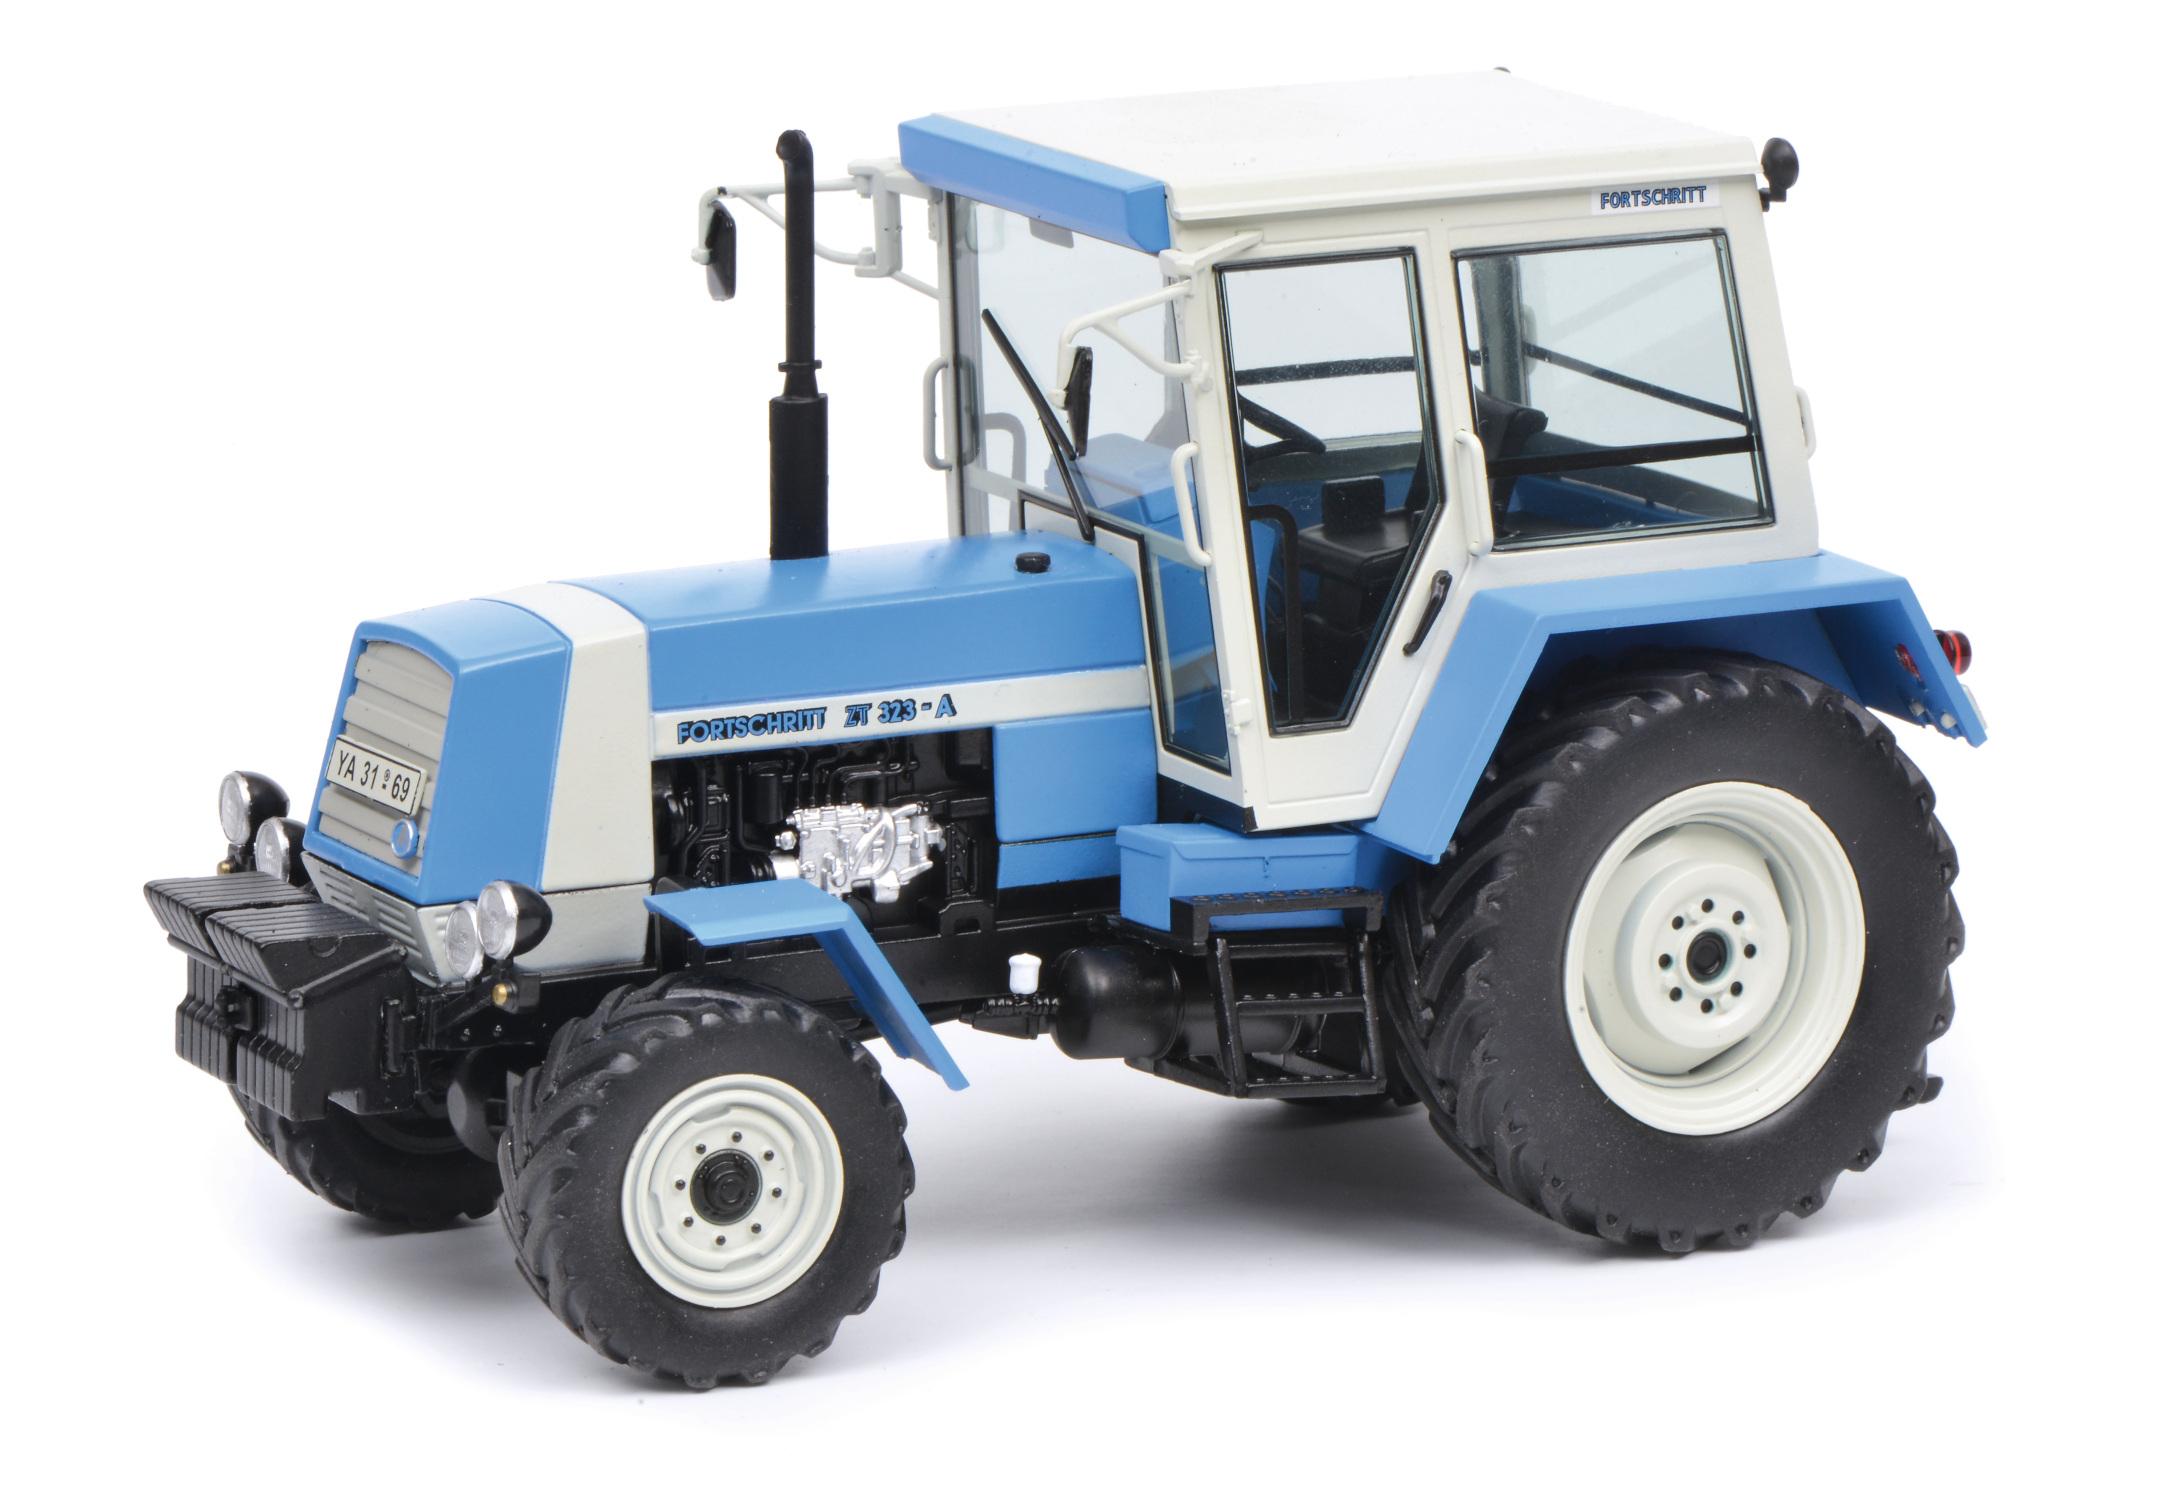 Fortschritt ZT 323 Traktor 1:32